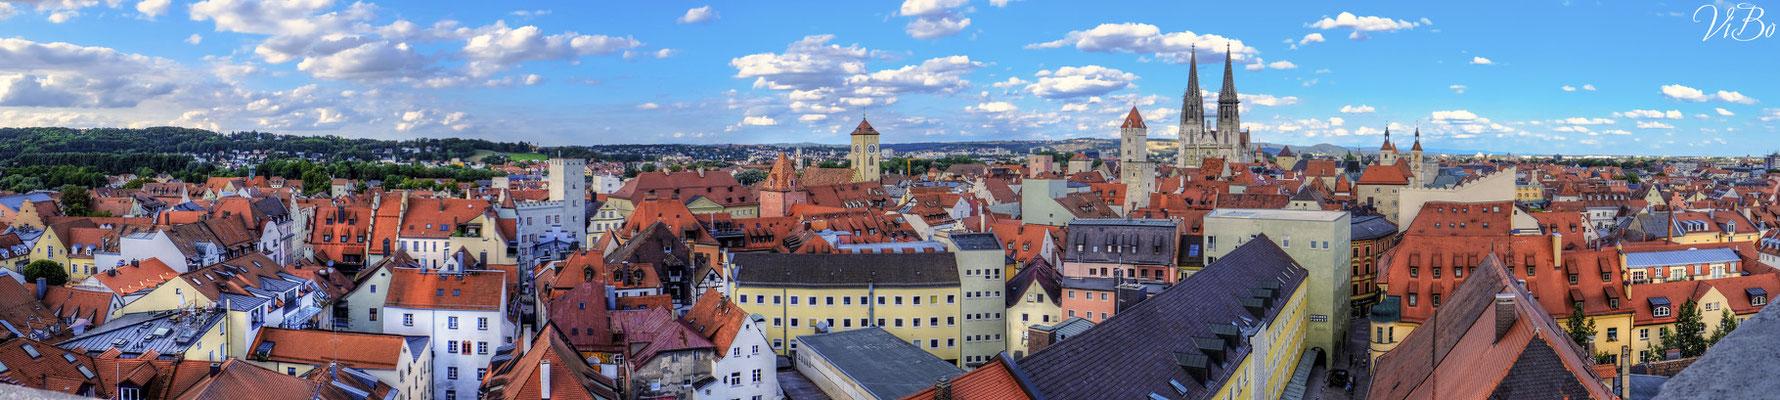 Regensburger Altstadt.